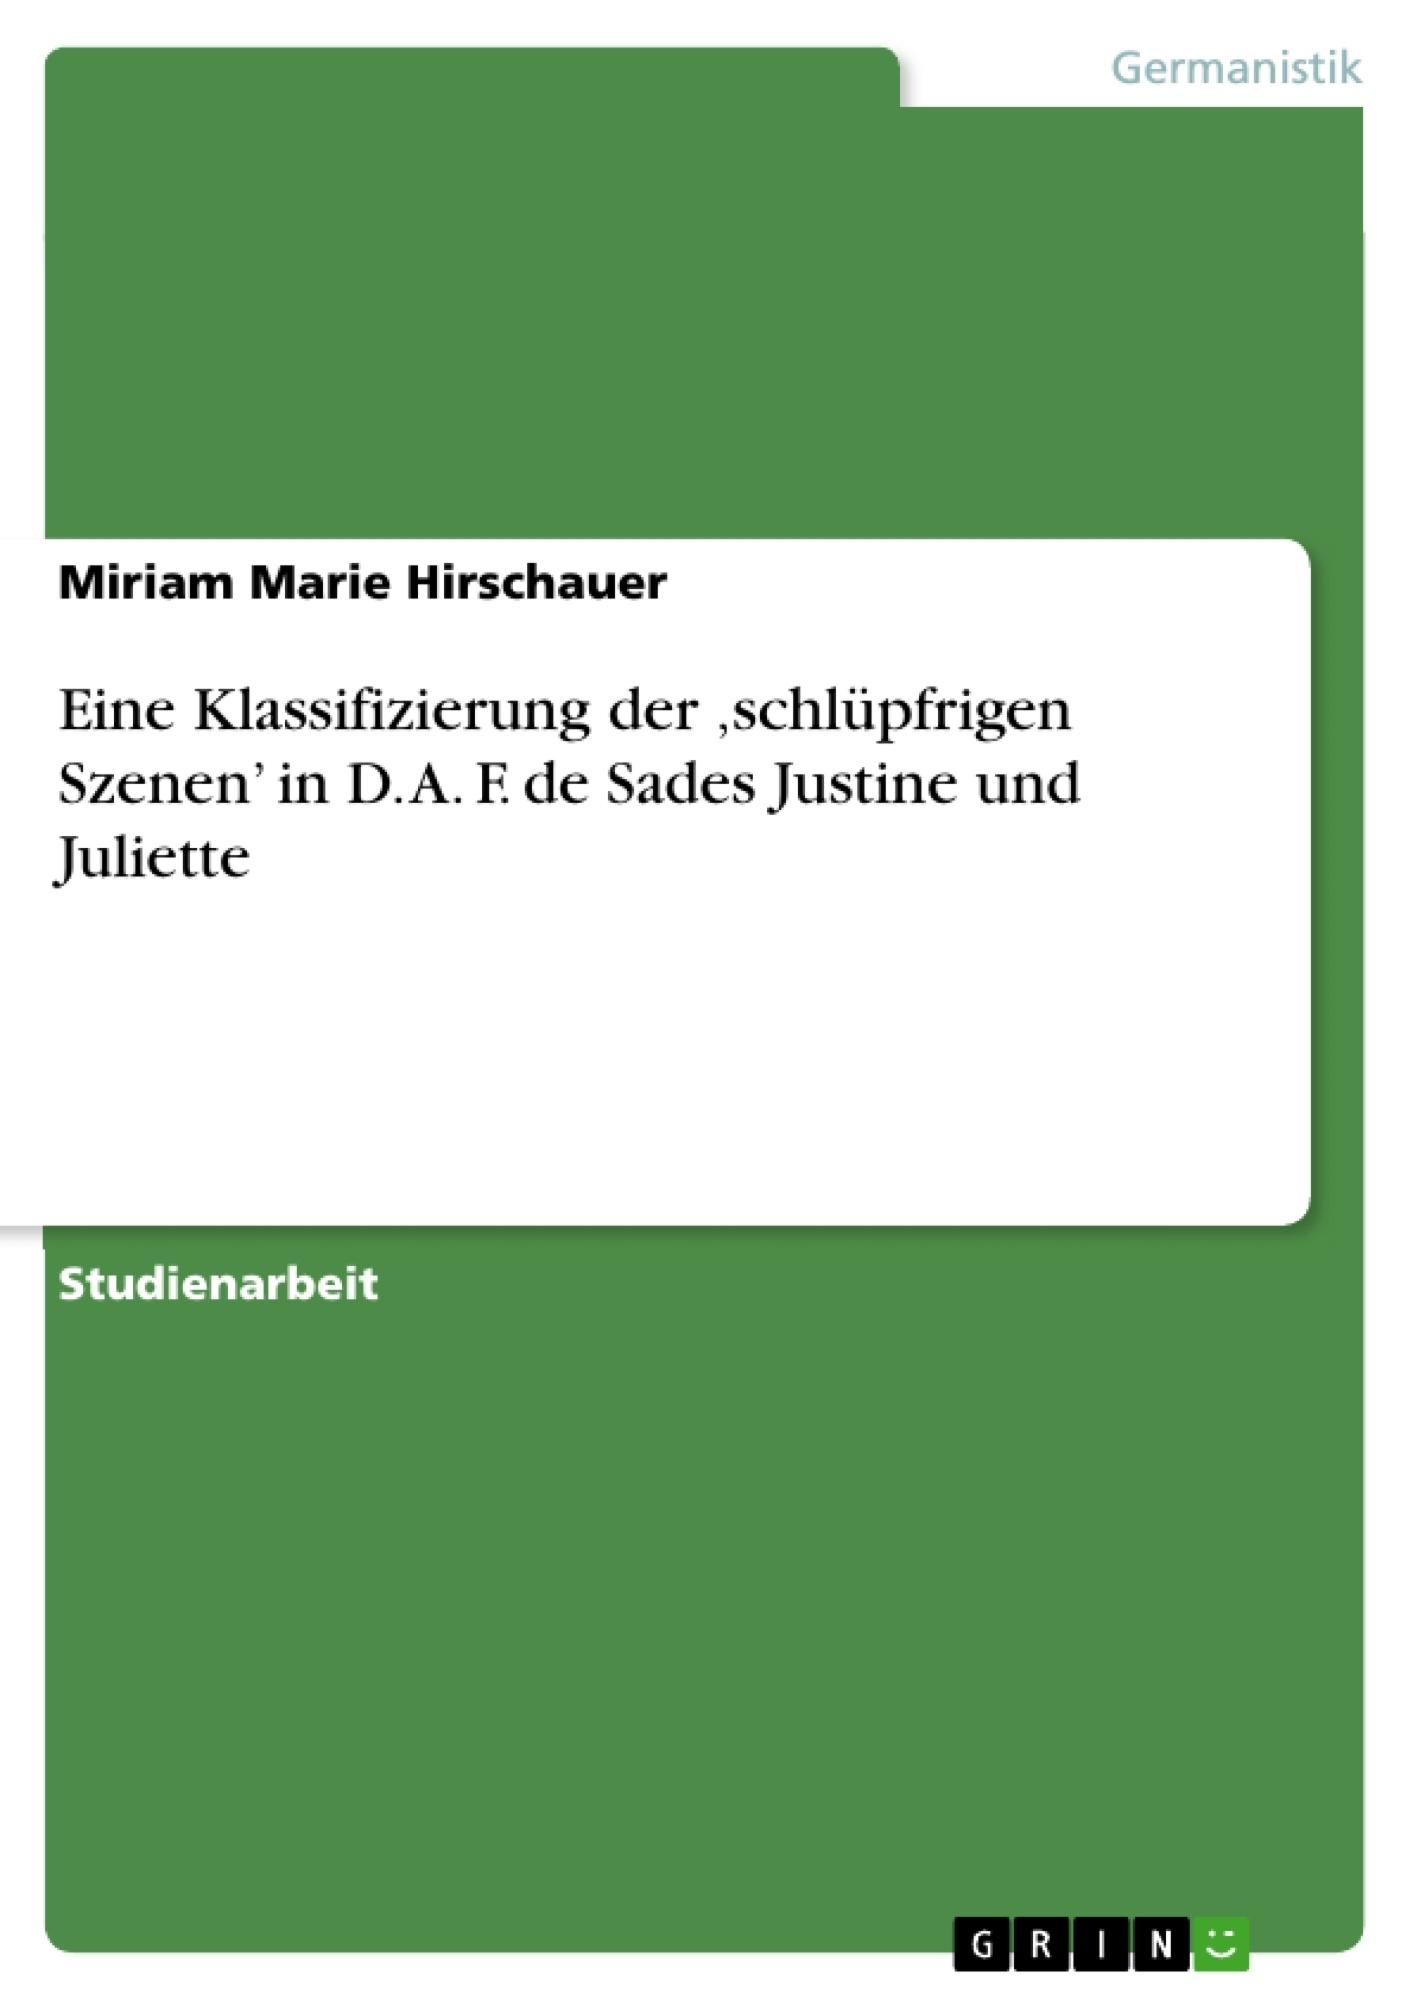 Titel: Eine Klassifizierung der 'schlüpfrigen Szenen' in D. A. F. de Sades Justine und Juliette